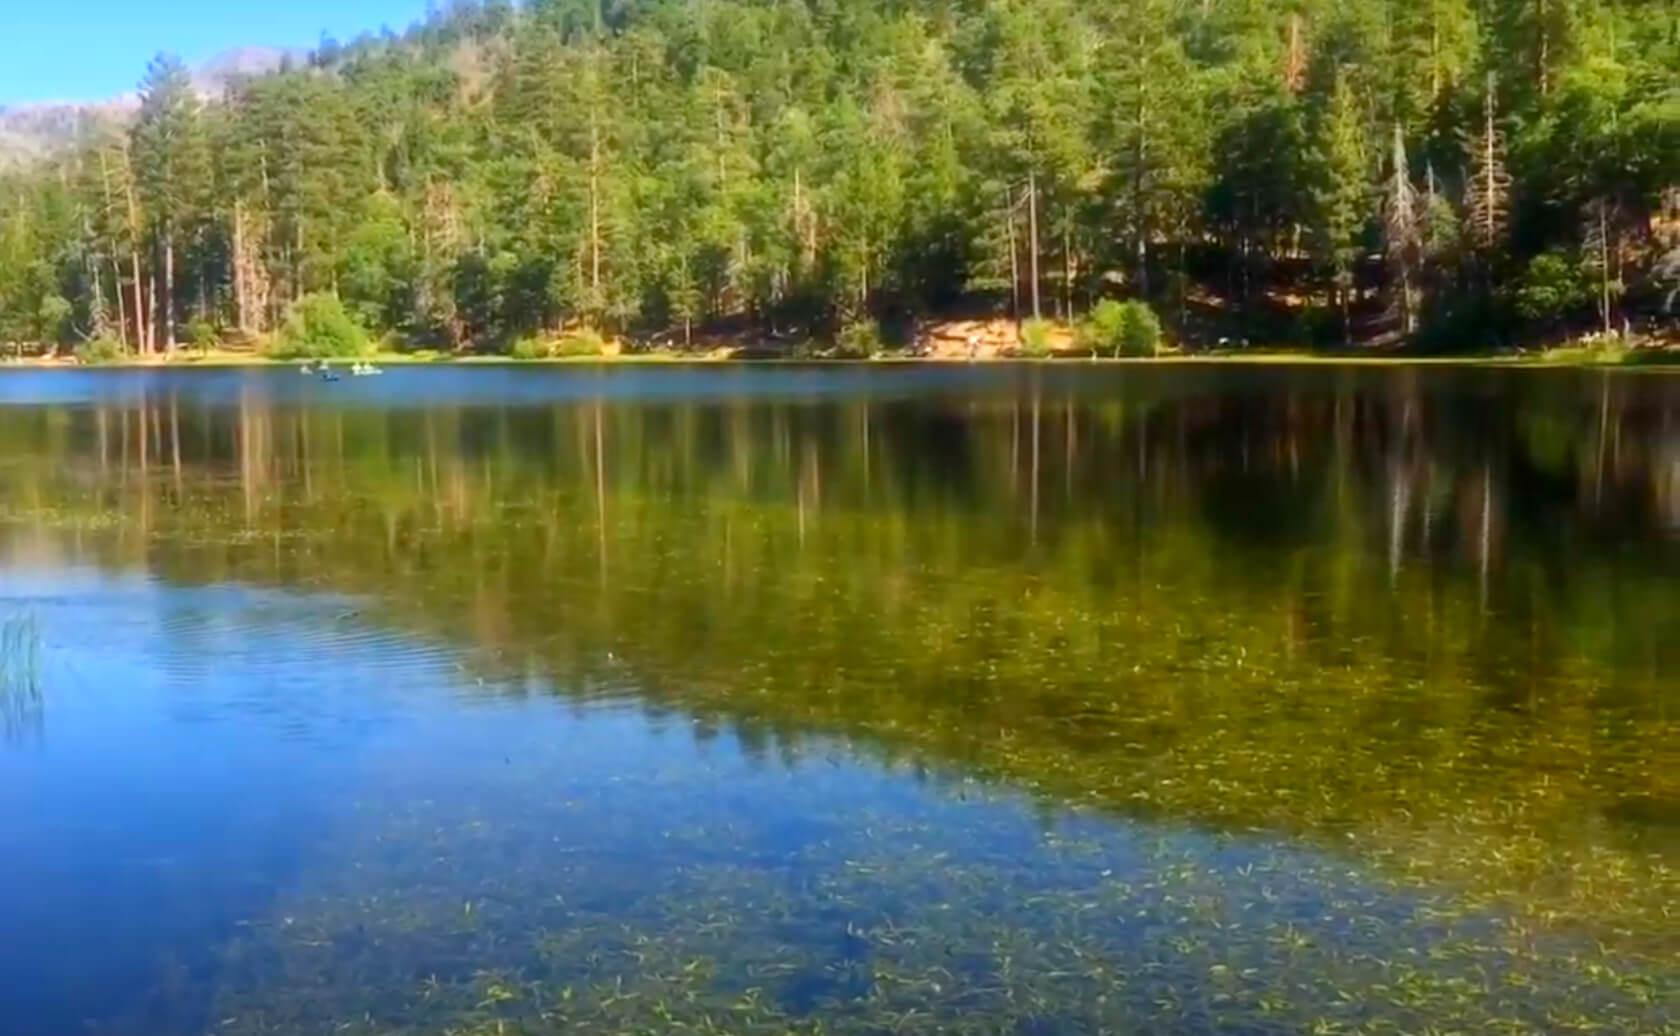 Jenks-Lake-Fishing-Guide-Report-California-04